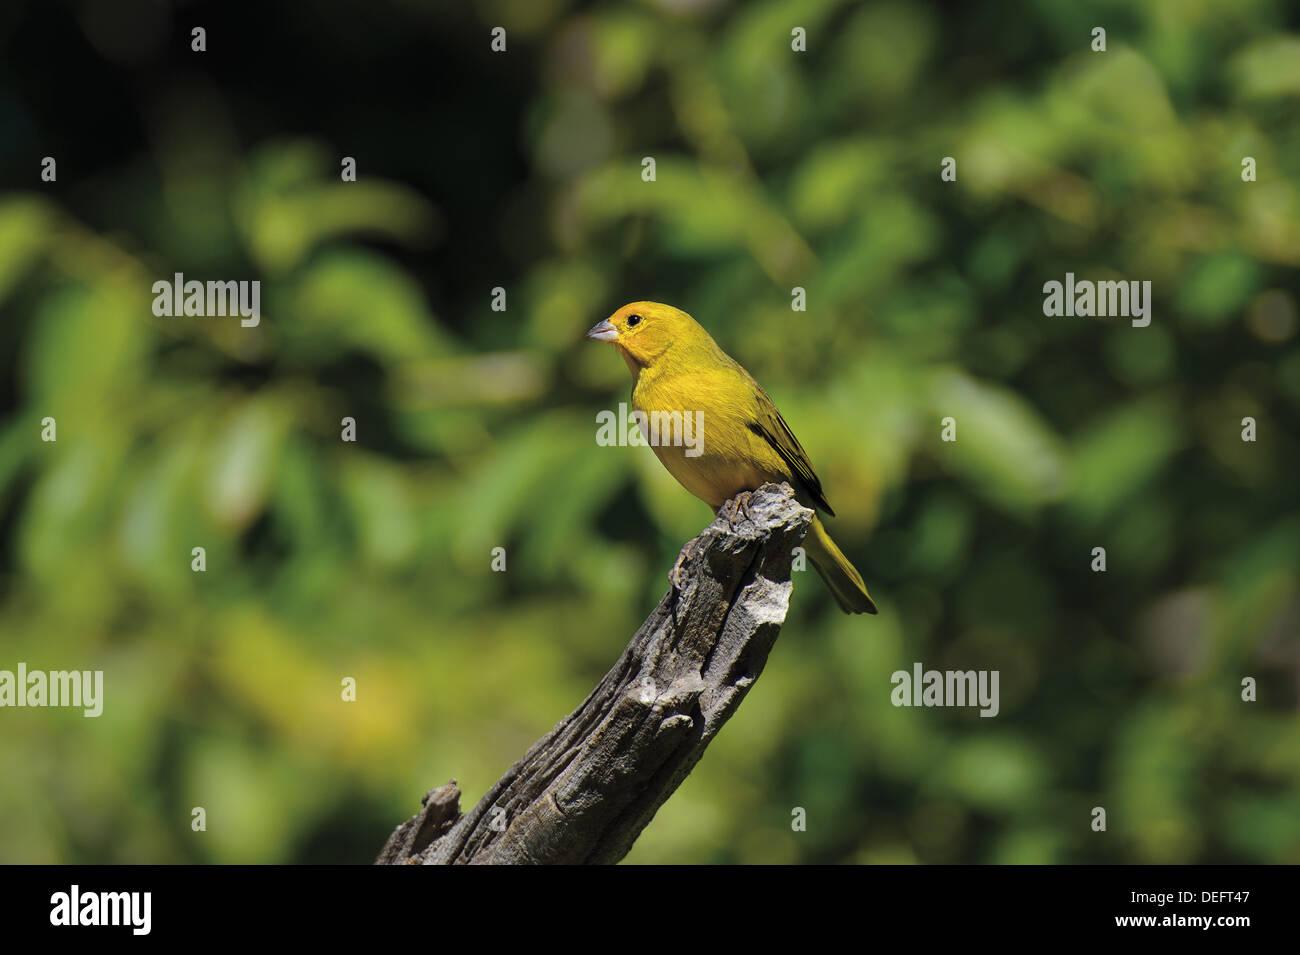 Brazil, Mato Grosso, Pantanal, Saffron finch, Sicalis flaveola, bird, birds, bird fauna Pantanal, travel, tourism, nature, green bird, World Nature Heritage, Barao de Melgaco, Pantanal birds, bird watching, ornithology, - Stock Image